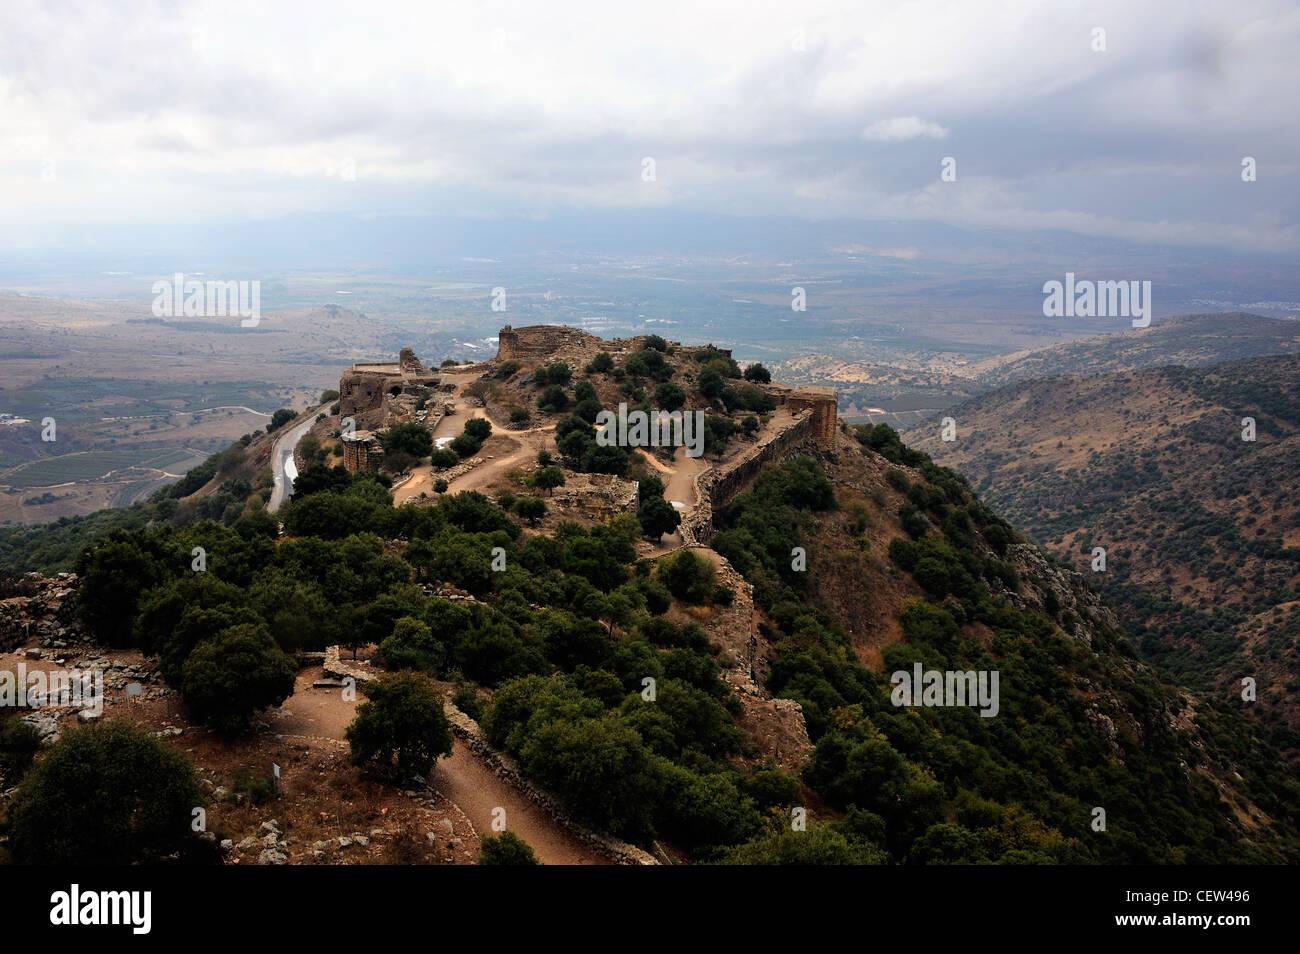 Vista della fortezza di Nimrod dal Monte Hermon sulle alture del Golan e la valle del Giordano in background Immagini Stock